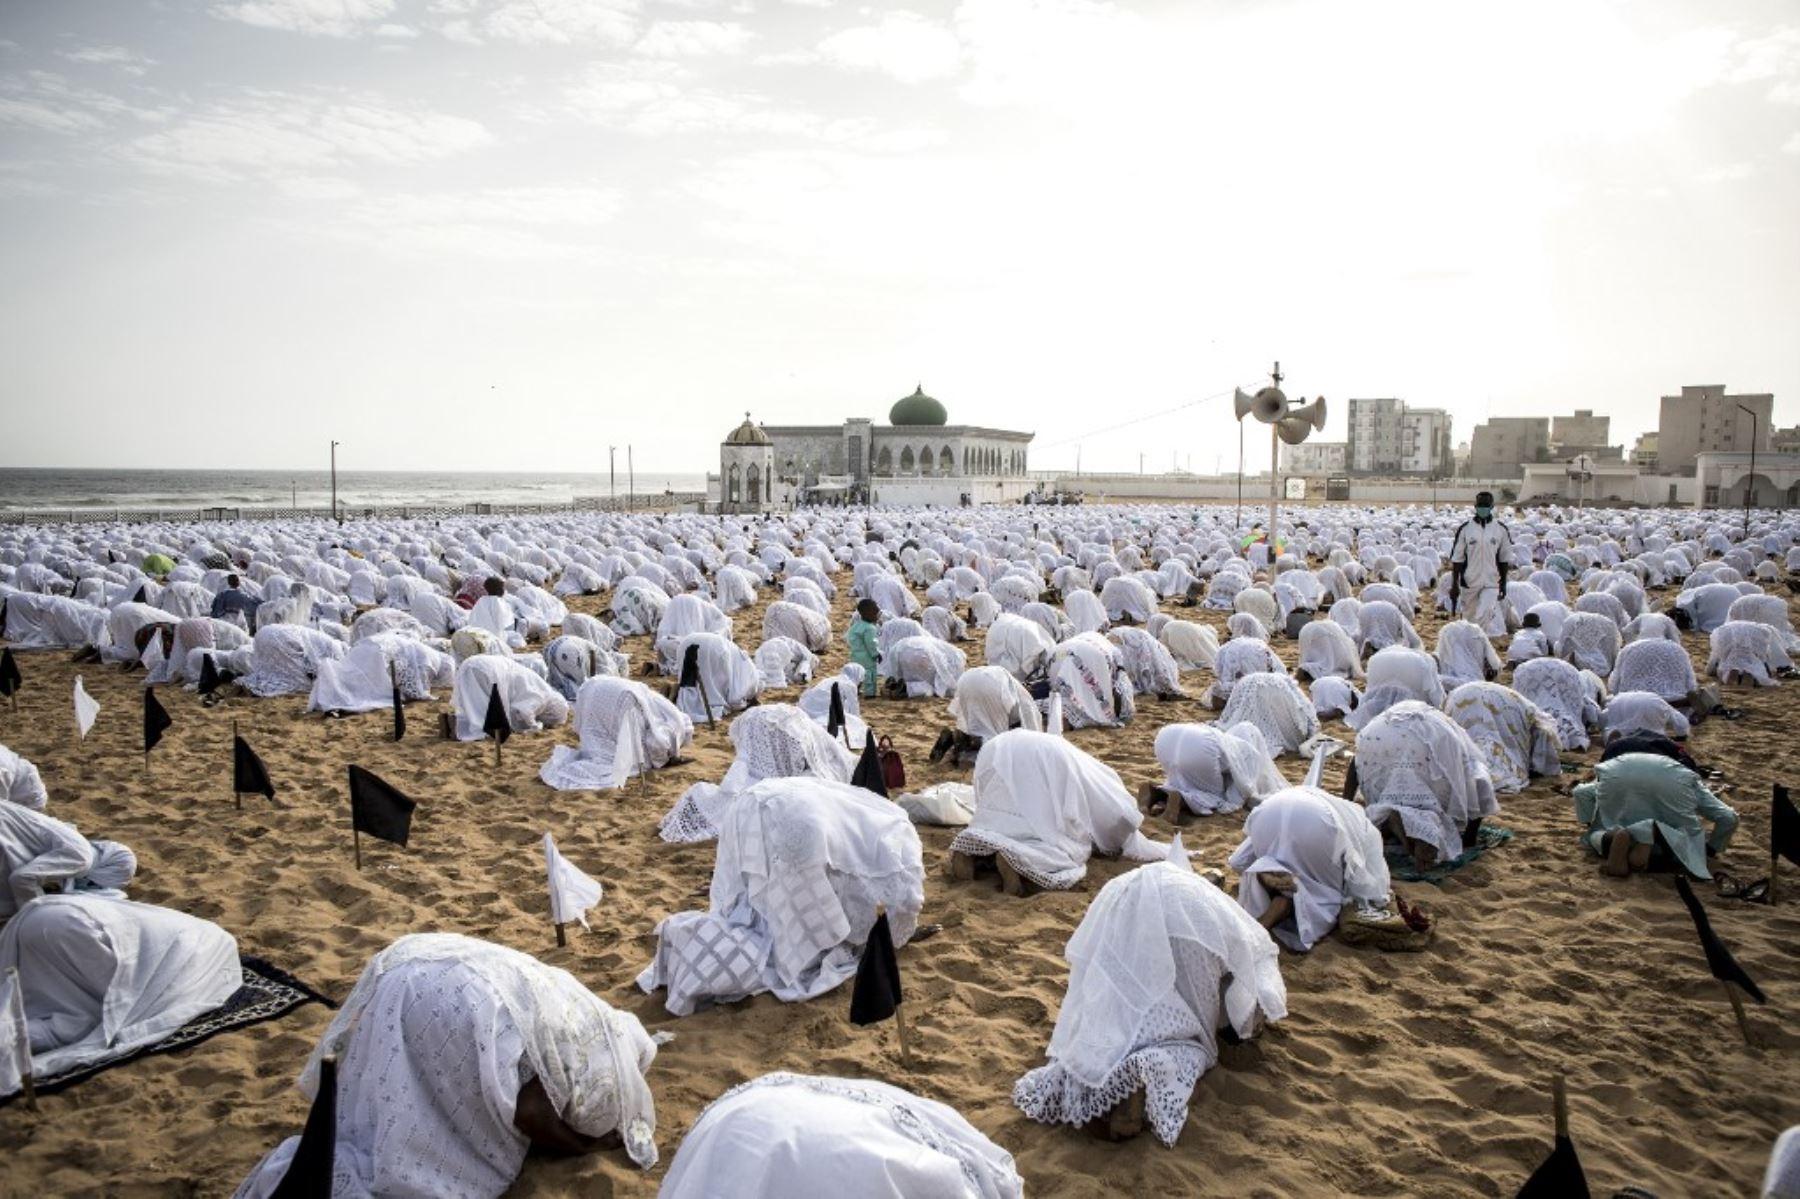 Los seguidores de la comunidad Layene con máscaras protectoras rezan en la playa frente a la Mezquita Yoff Layene, durante la festividad islámica de Korite en Dakar, Senegal. Foto: AFP